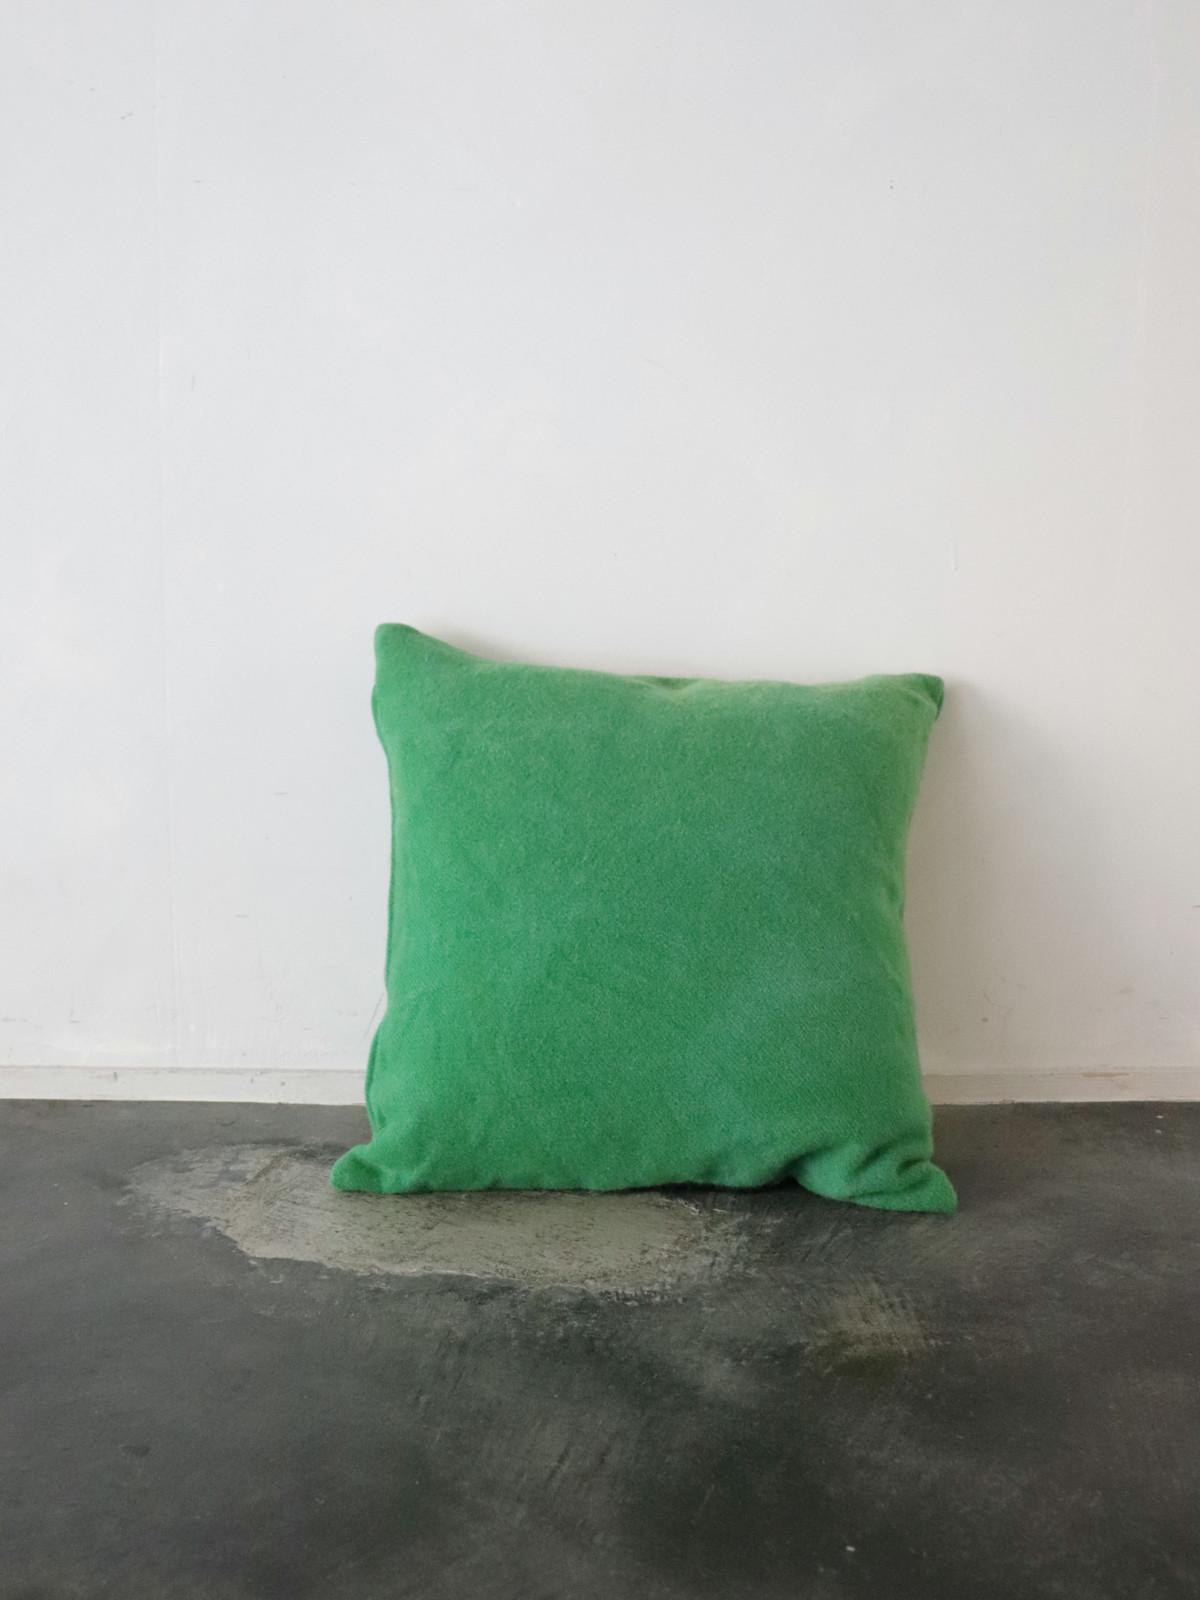 HUDSON'S BAY,blanket,vintage,BROWN.remake,cushion